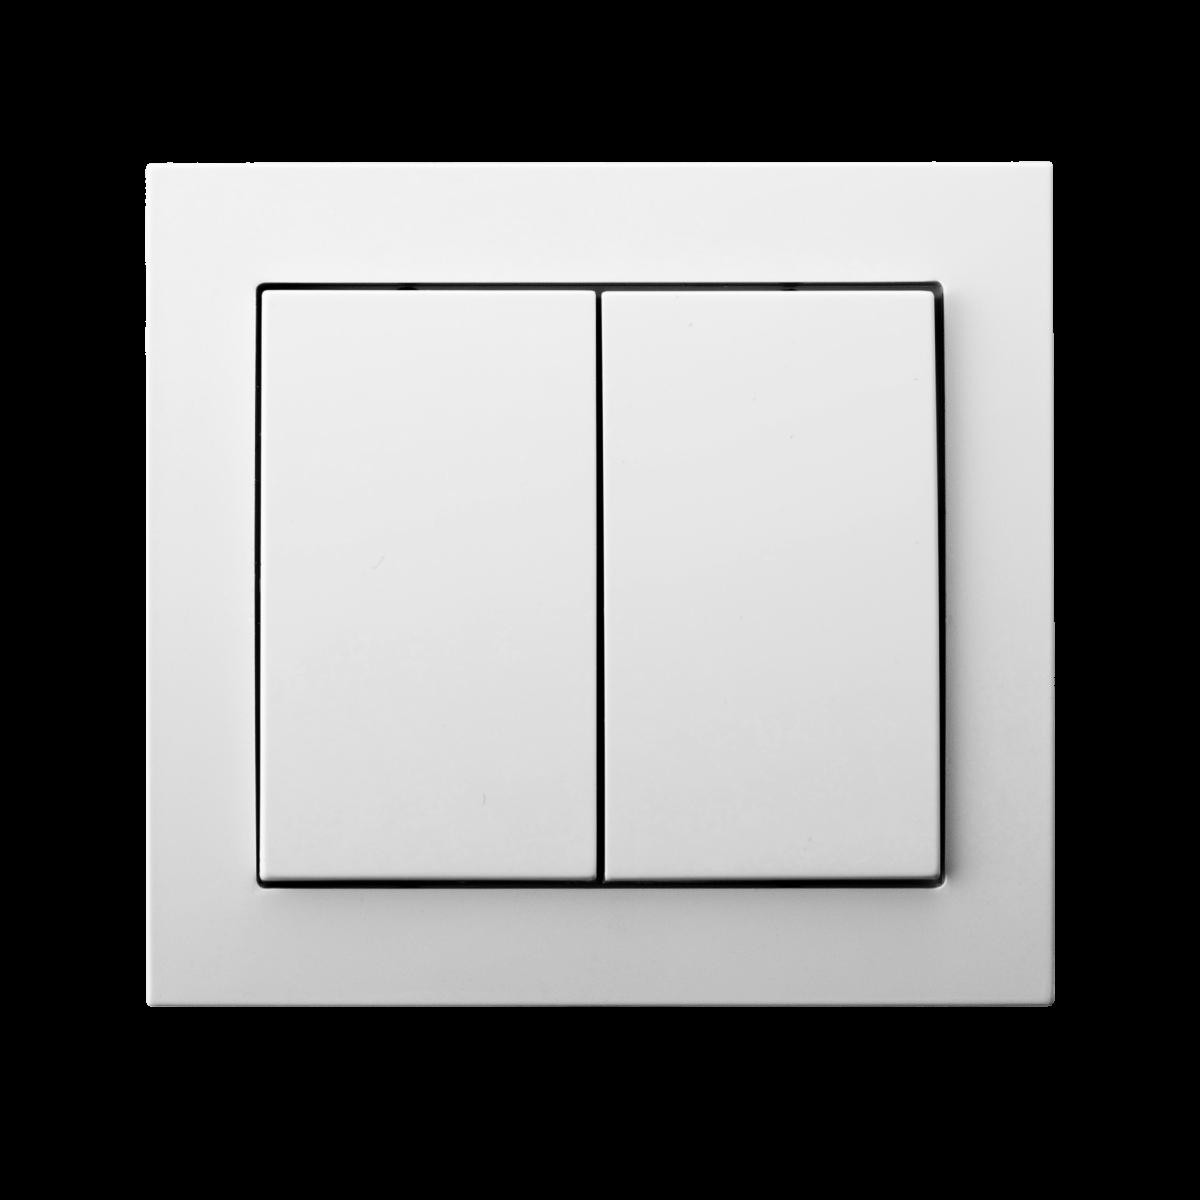 Dobrze rozegrane wnętrze - osprzęt elektryczny KIER firmy OSPEL